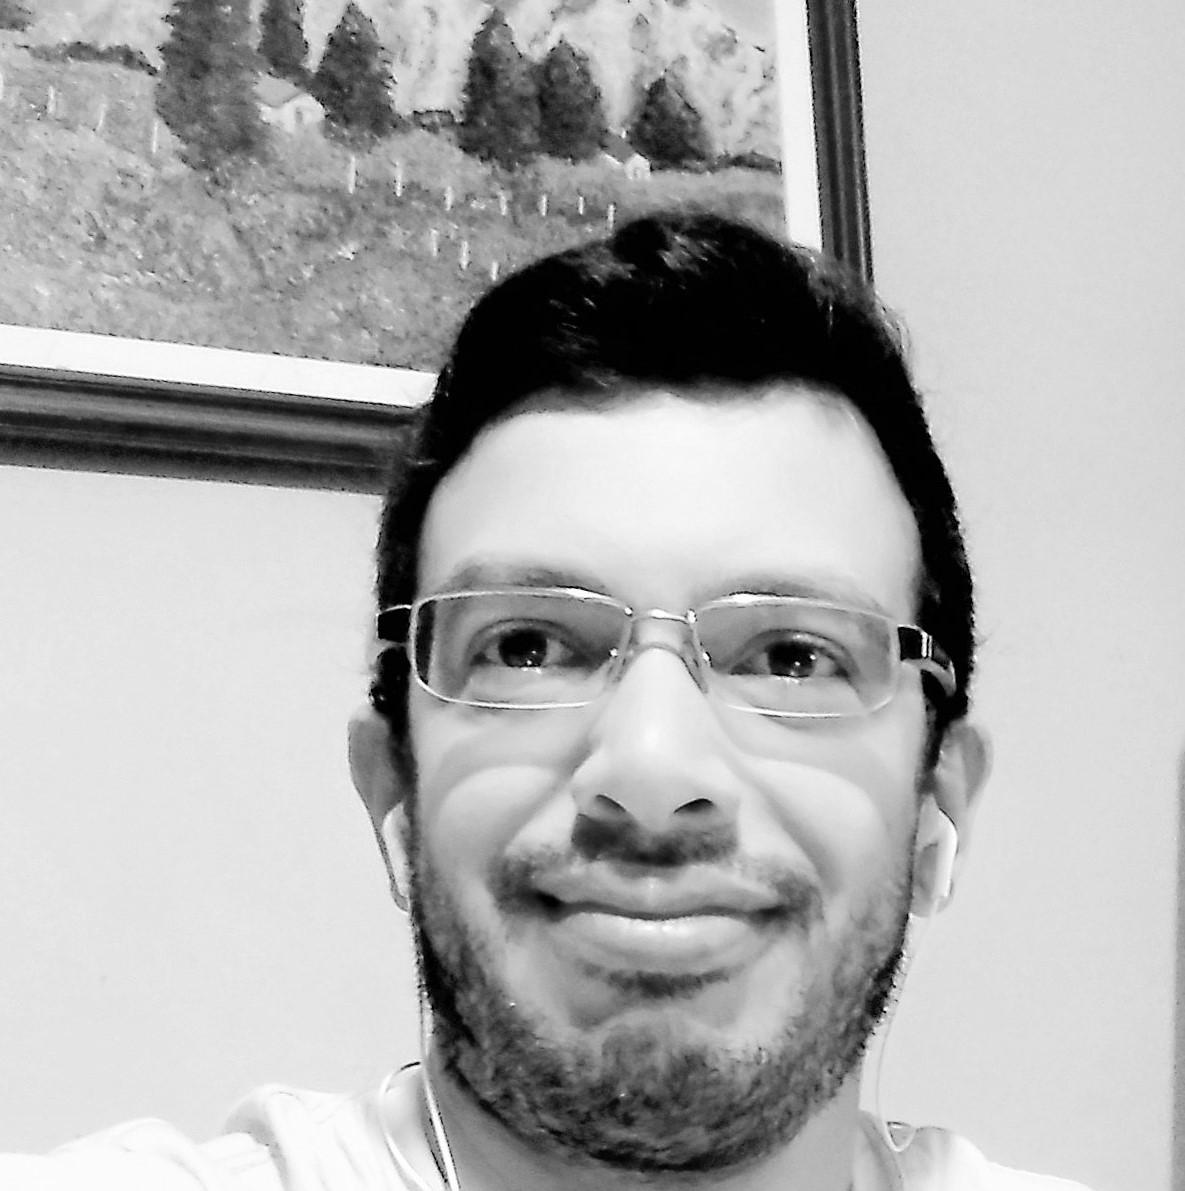 Blas Sánchez Ovadilla